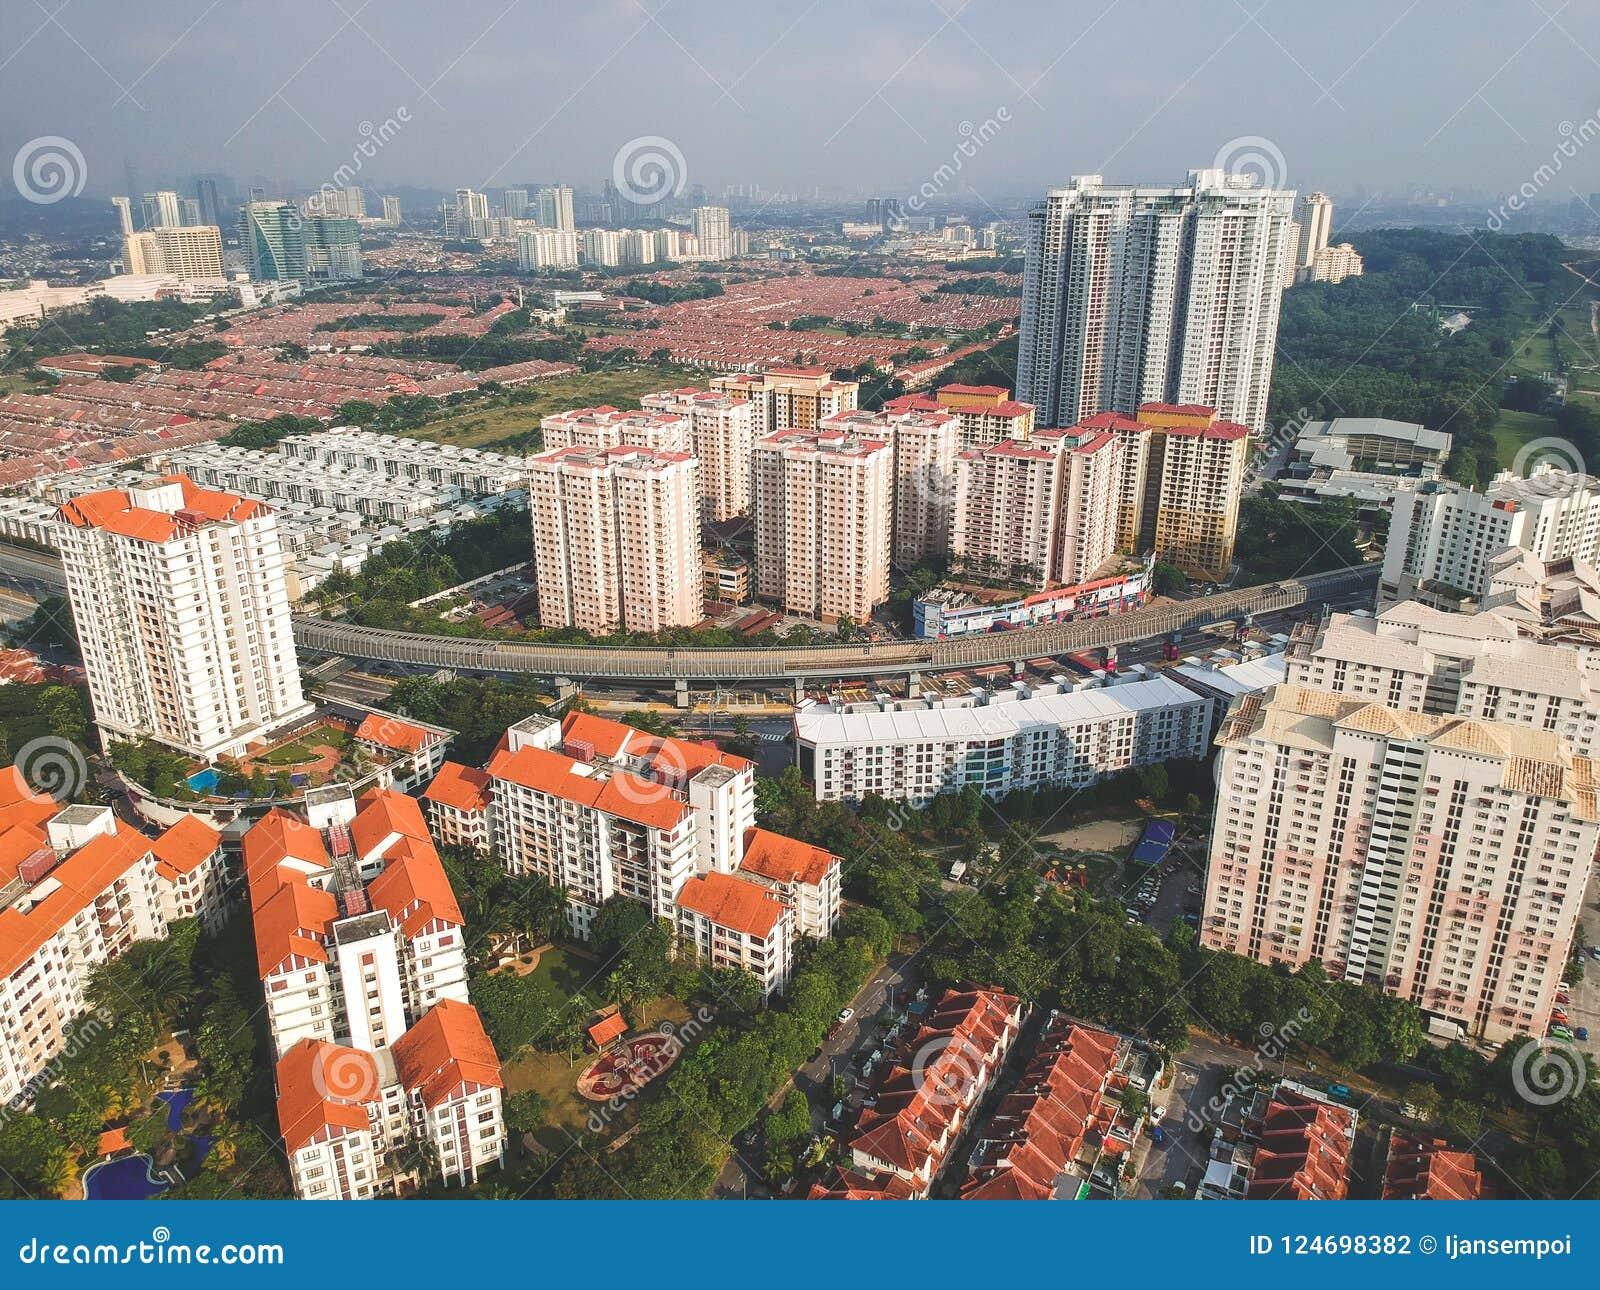 Bandar Utama residential township